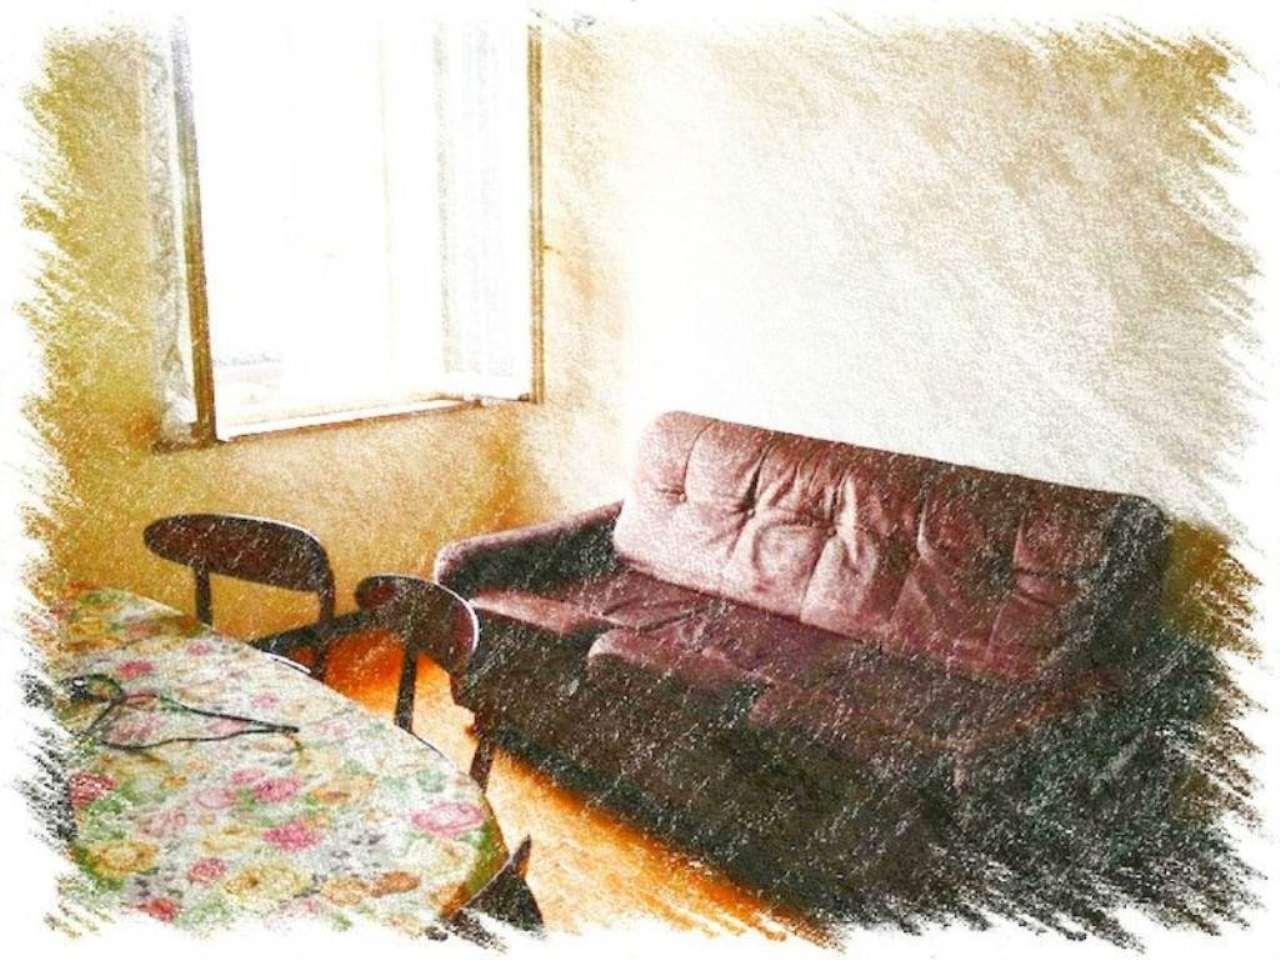 Appartamento in vendita a Sant'Ilario d'Enza, 3 locali, prezzo € 55.000 | Cambio Casa.it